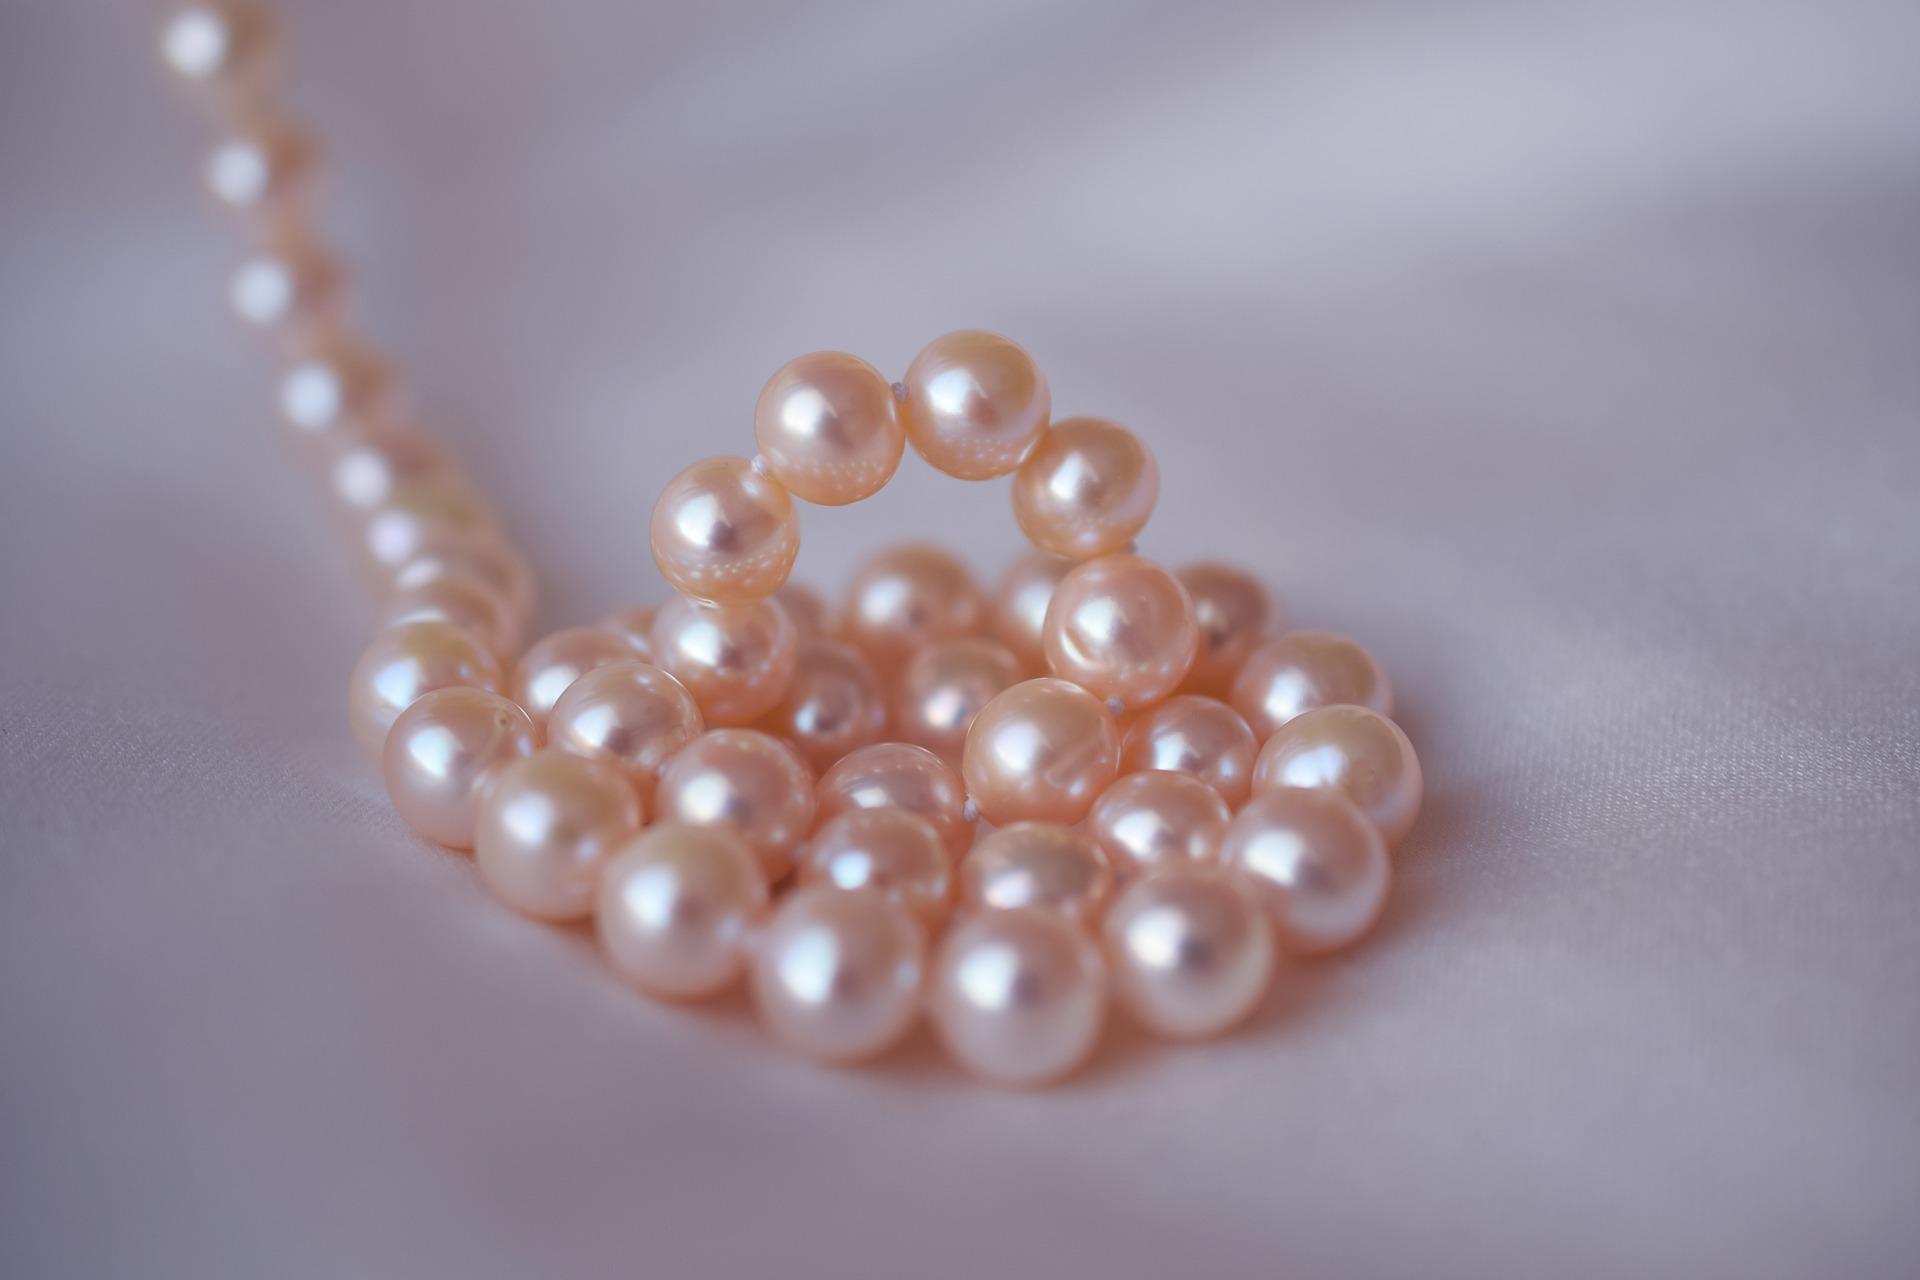 pearls-3030446_1920.jpg